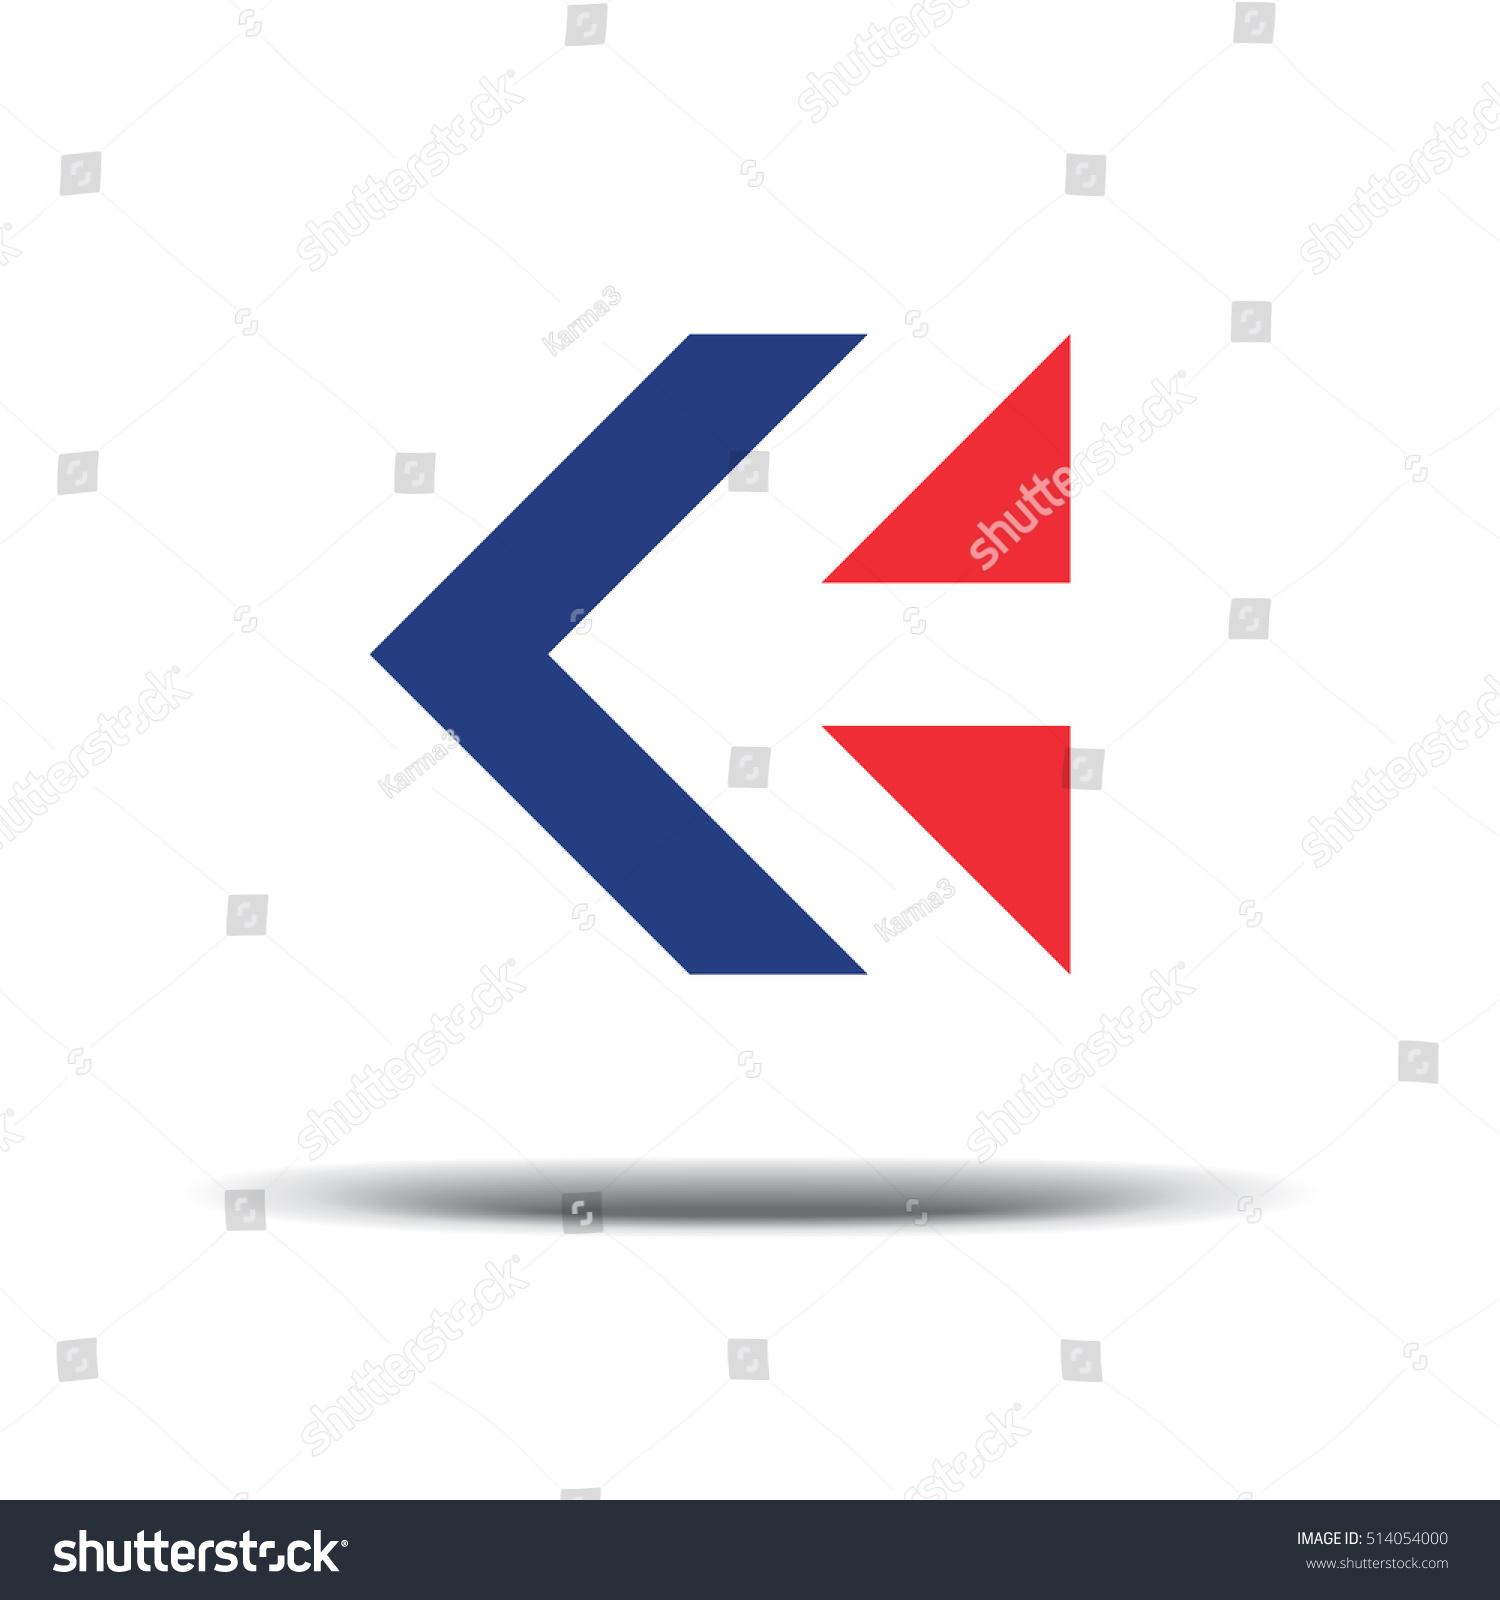 arrows logo vector - photo #9